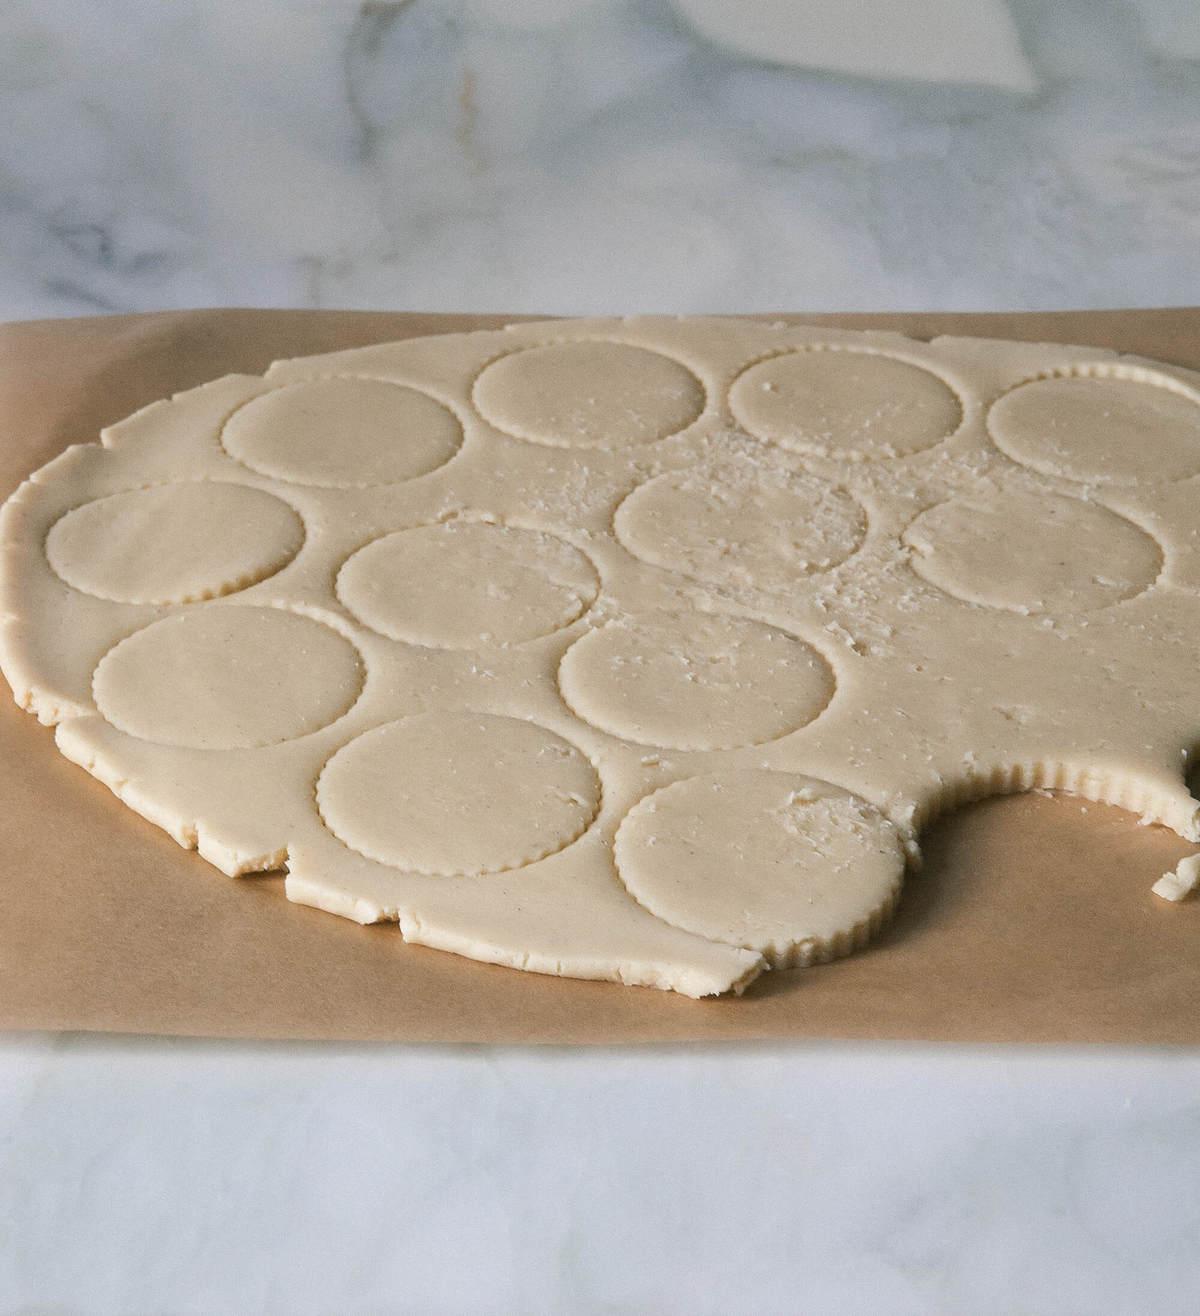 alfajores dough being cut out on parchment